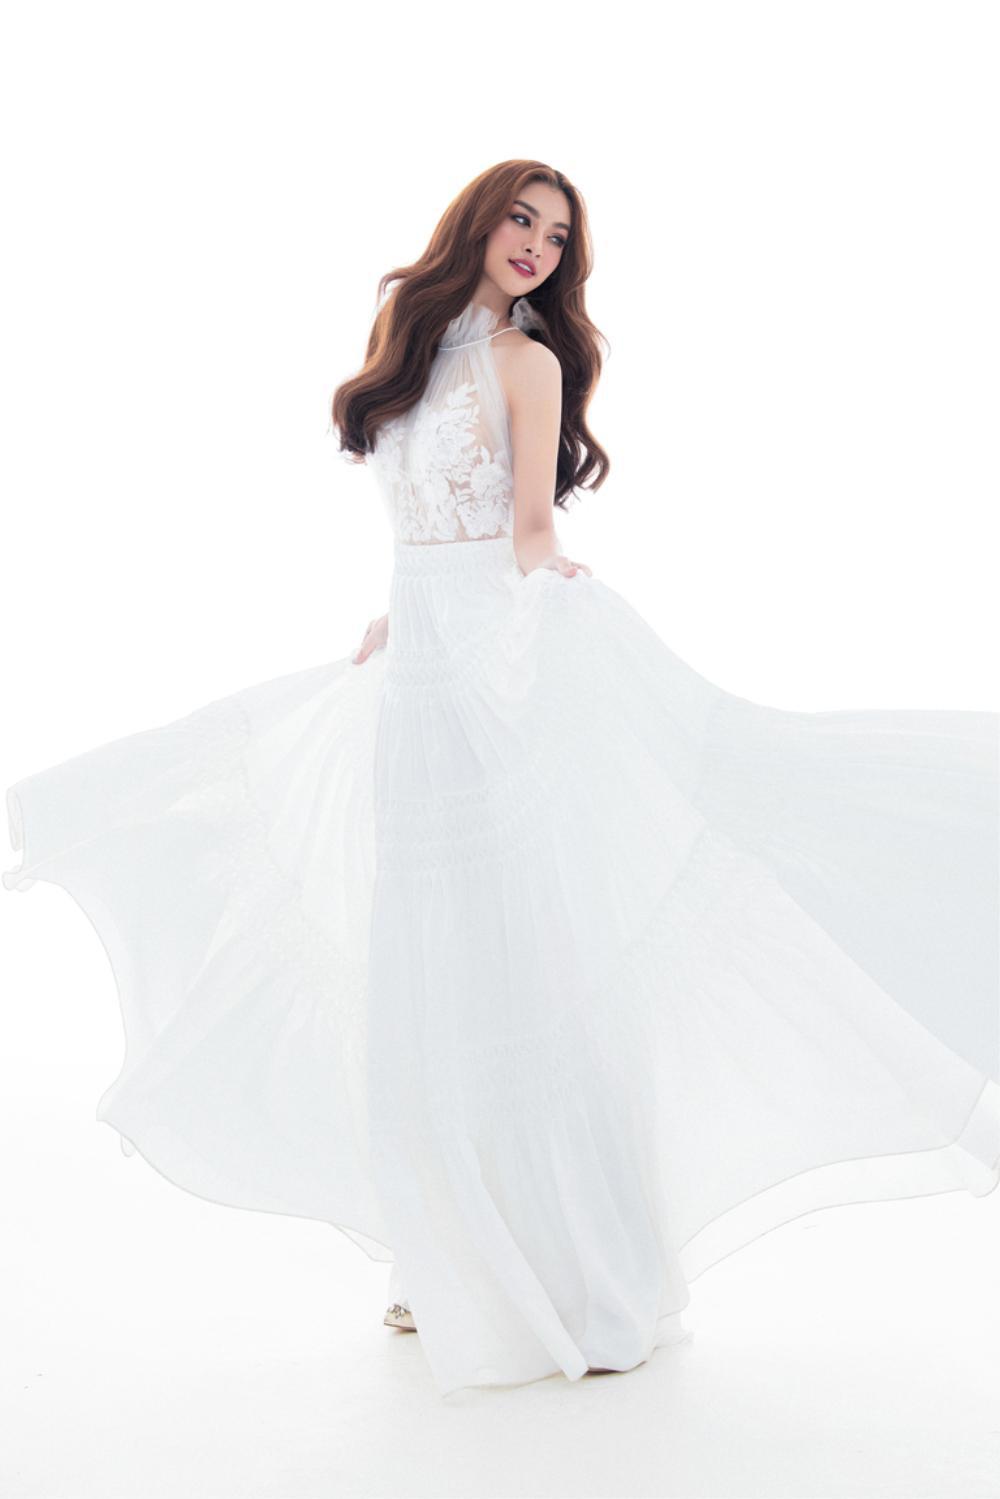 Á hậu Kiều Loan khoe nhan sắc quyến rũ trong bộ ảnh mới Ảnh 11